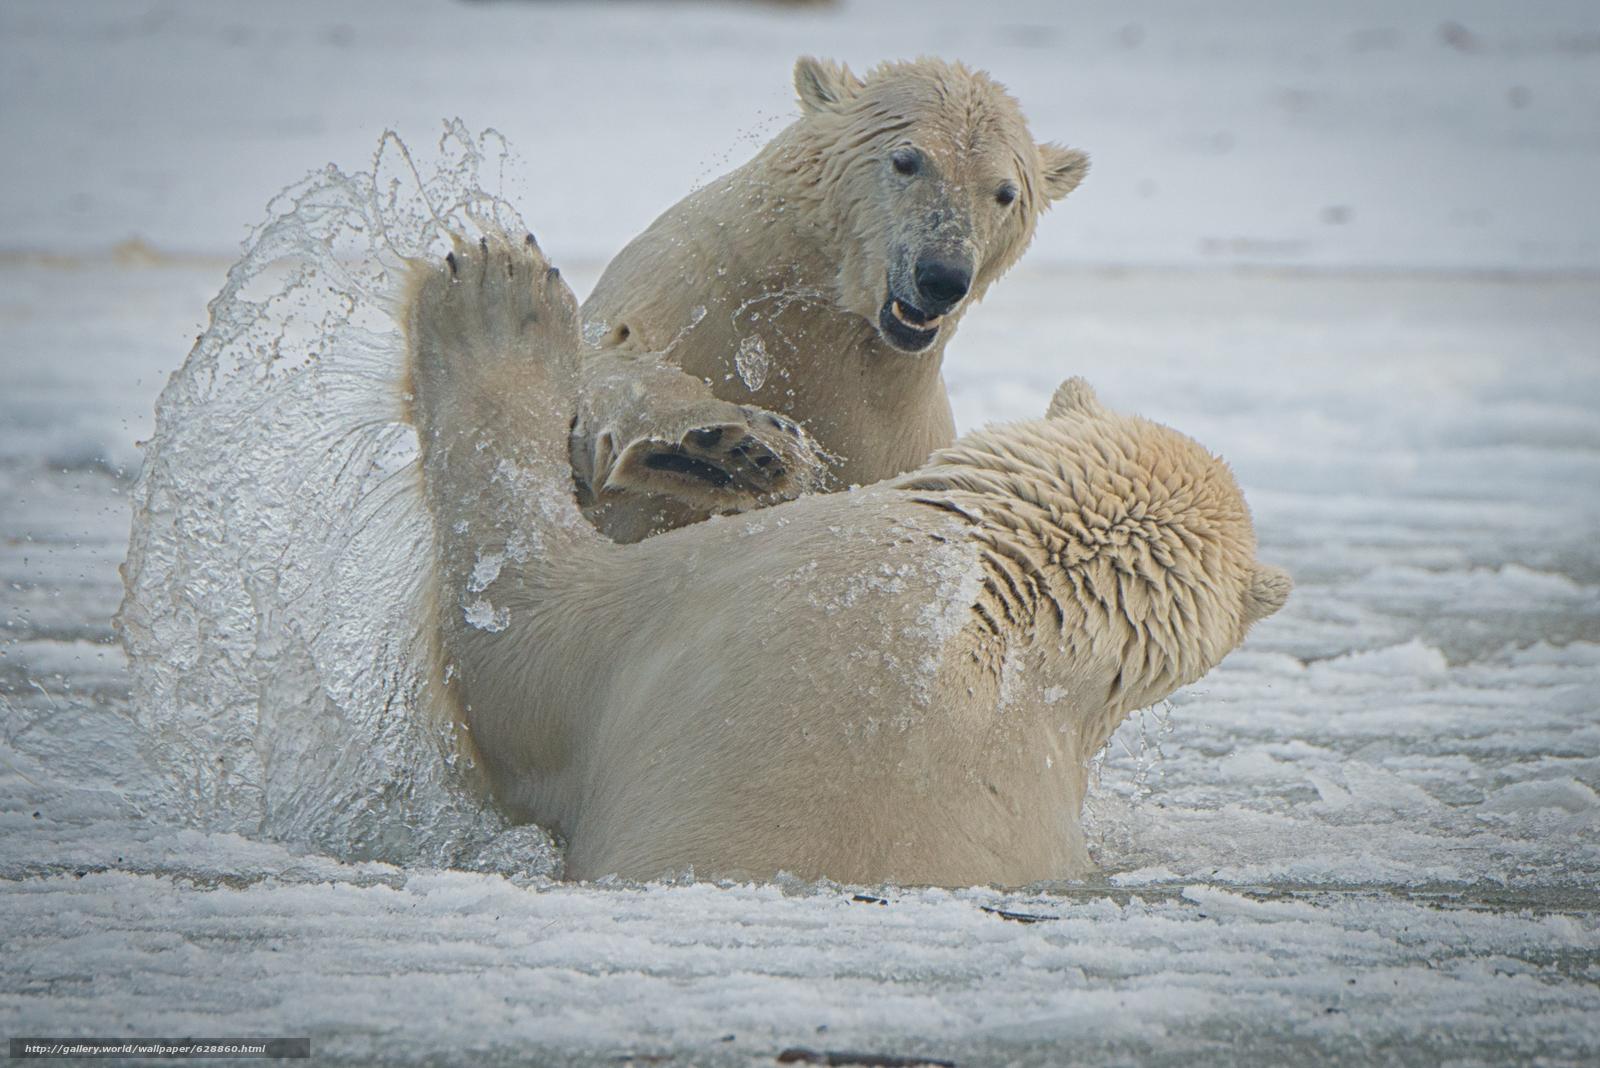 Arctic National Wildlife Refuge, Alaska, Национальный Арктический заповедник, Аляска, белые медведи, медведи, спарринг, брызги